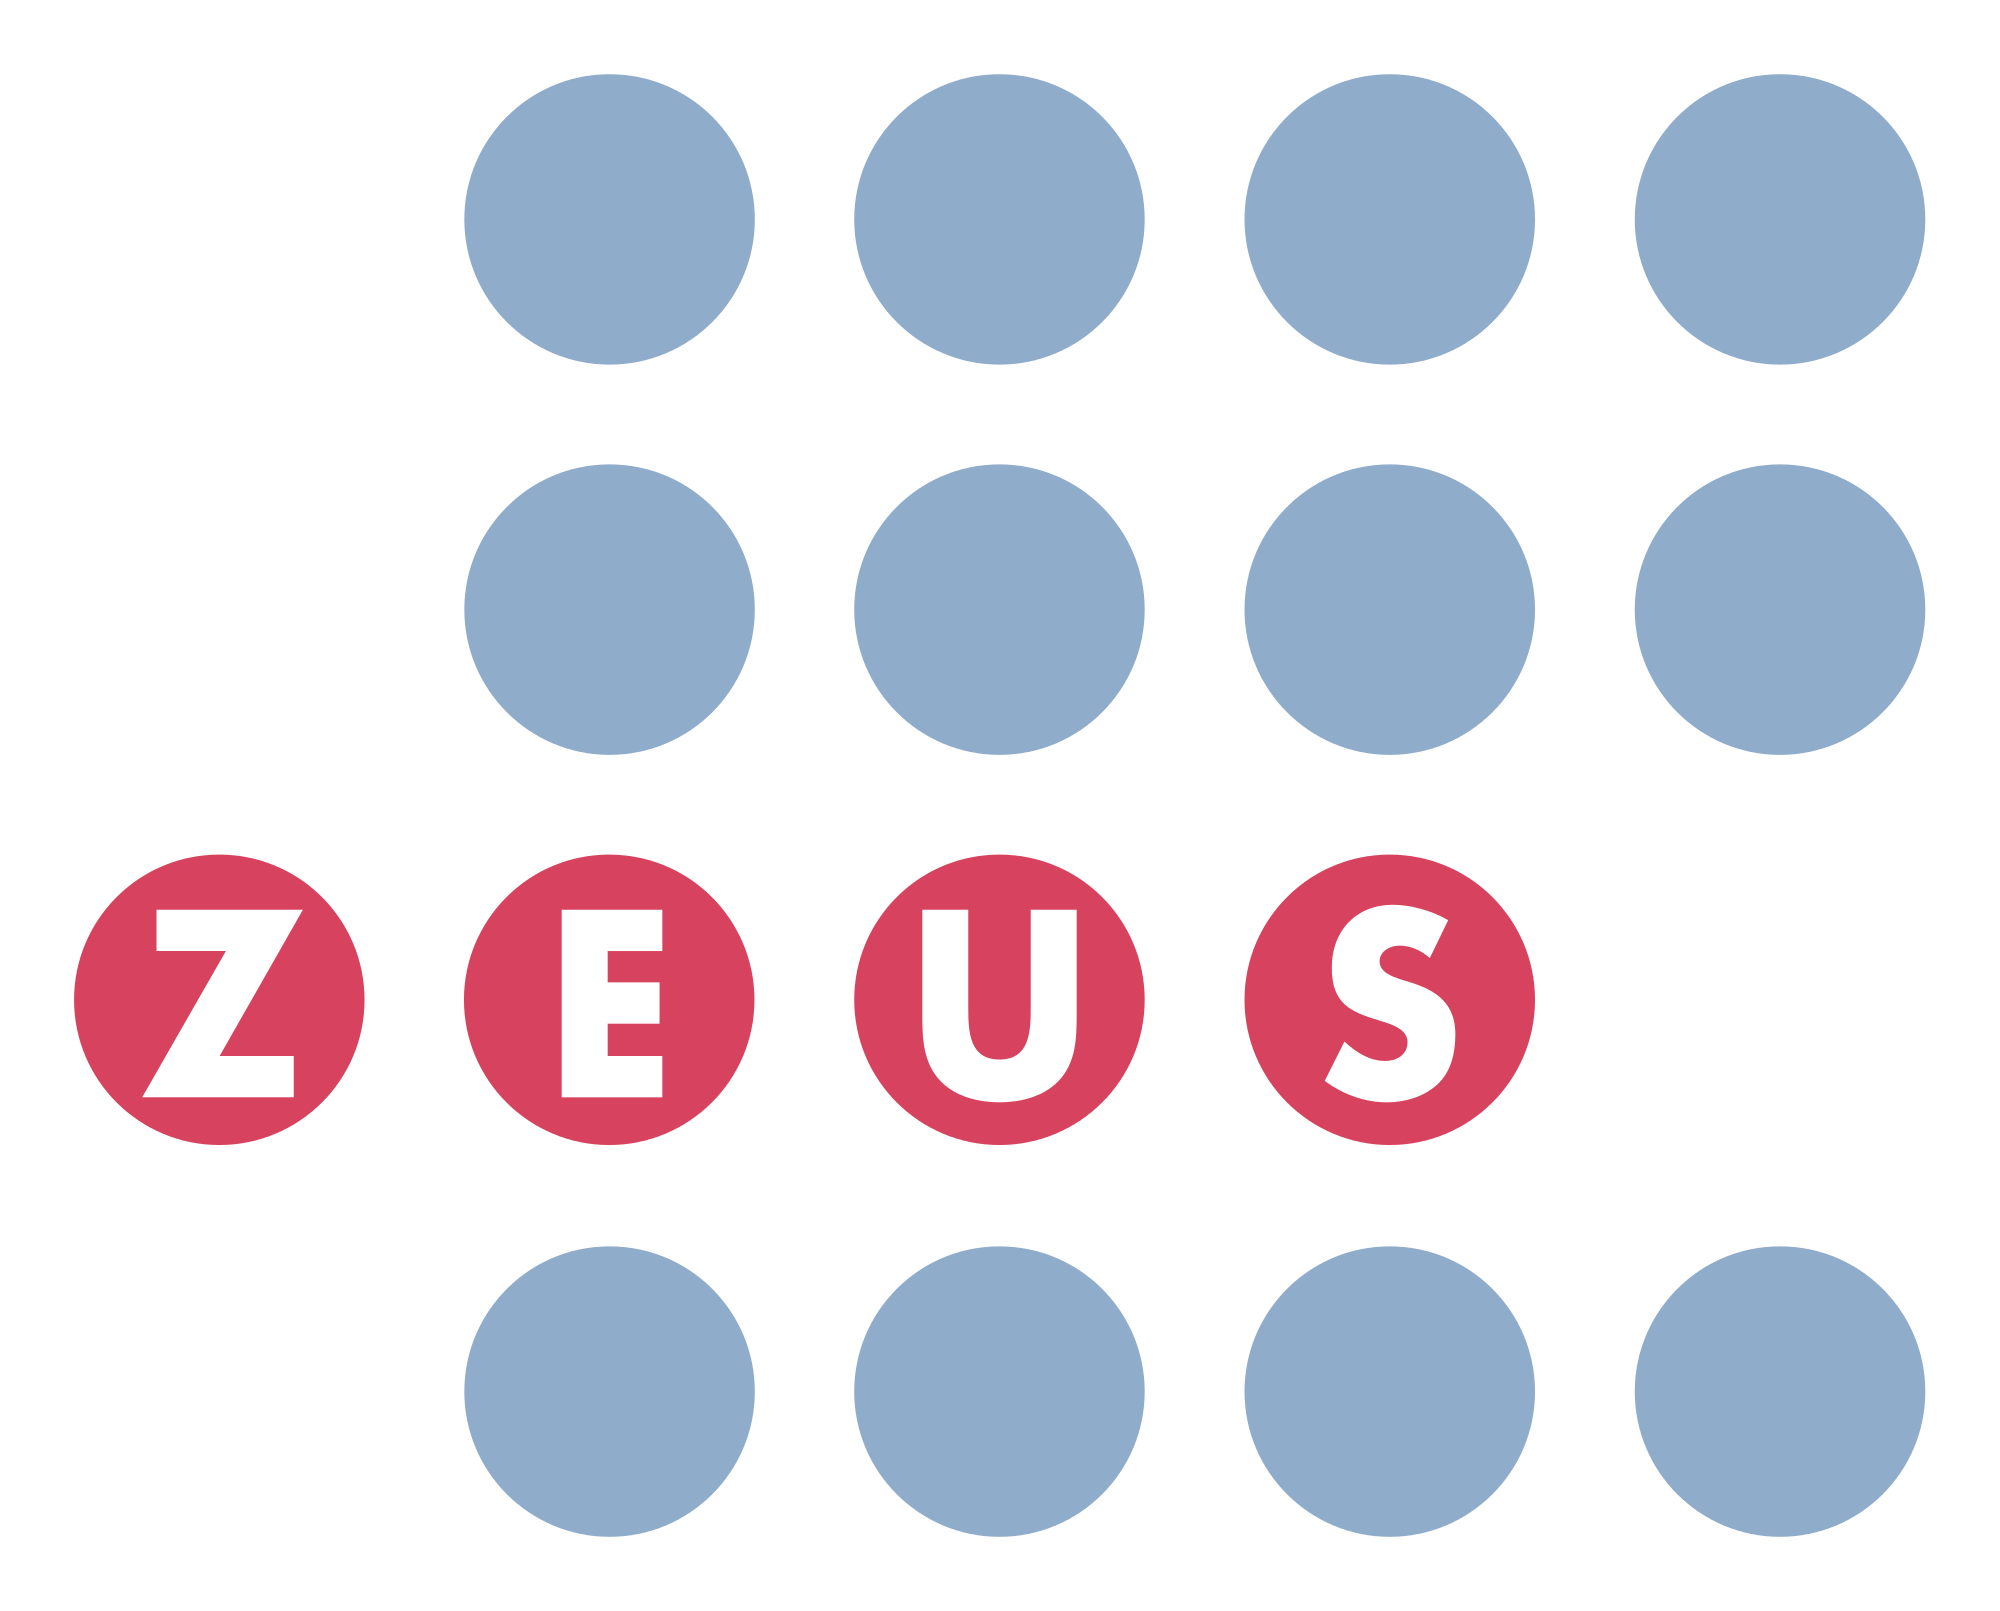 Zeus svg #11